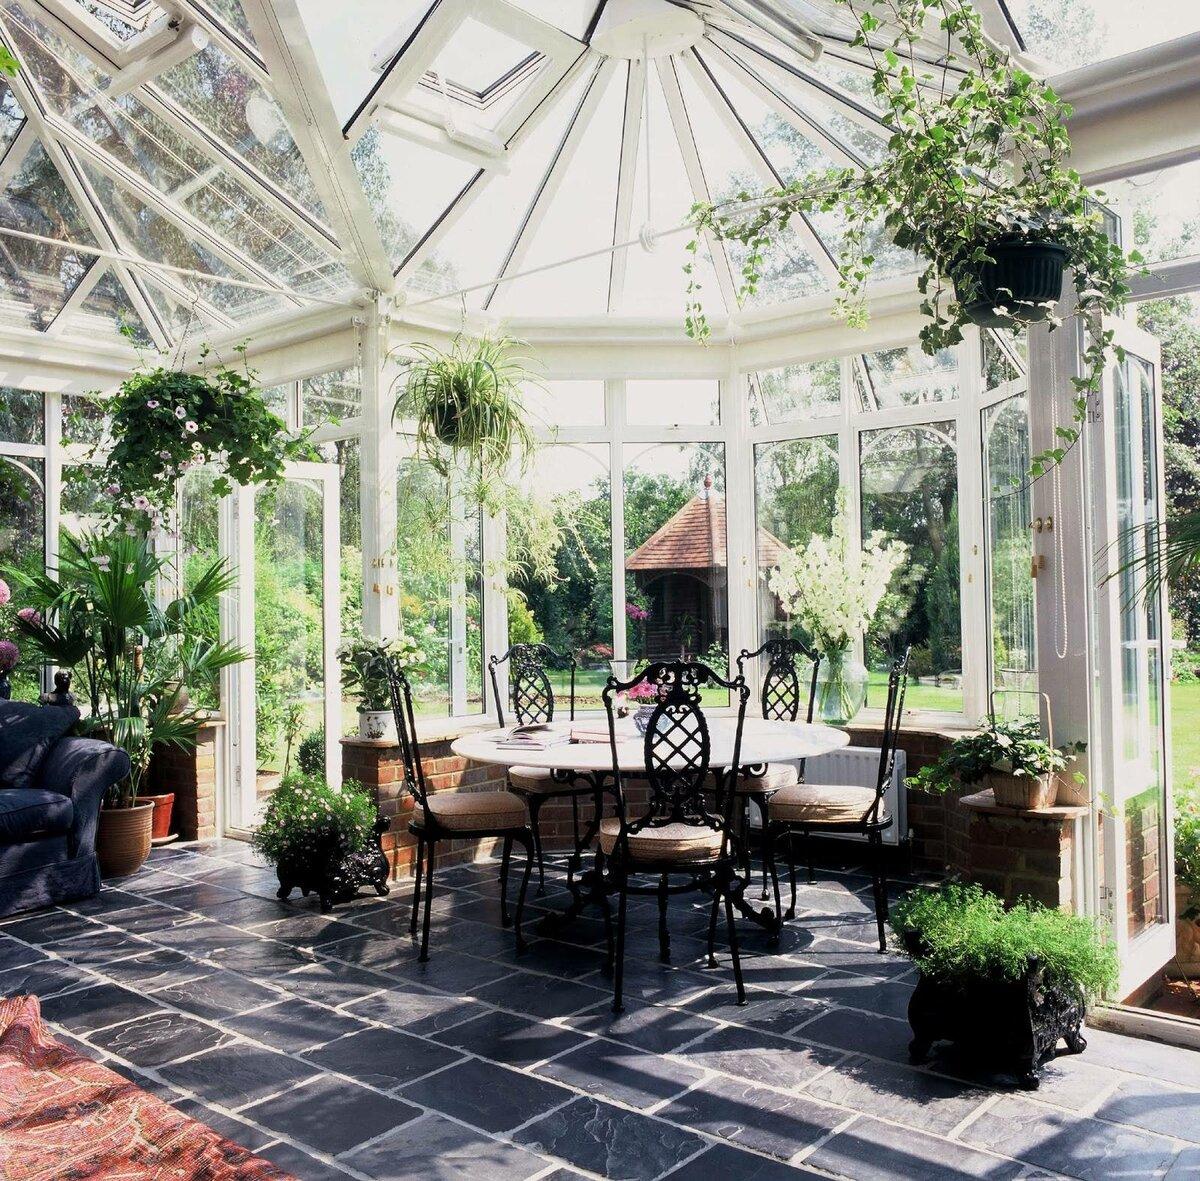 других зимний сад фото в доме листовых